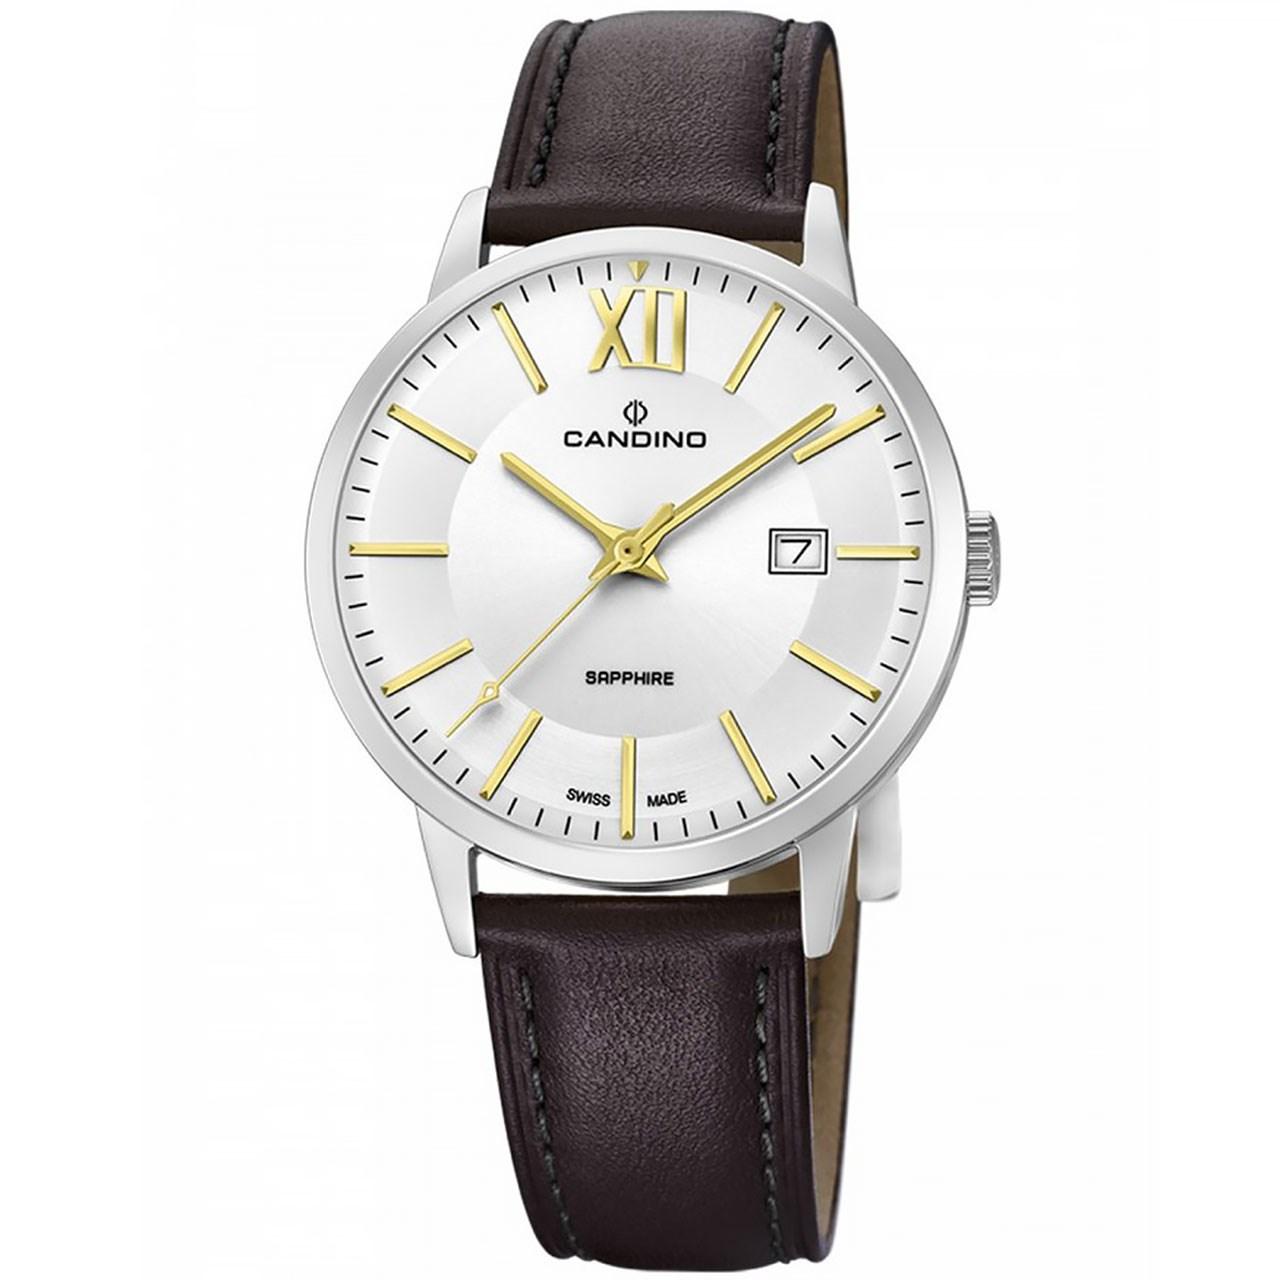 ساعت مچی عقربه ای مردانه کاندینو مدل C4618/2